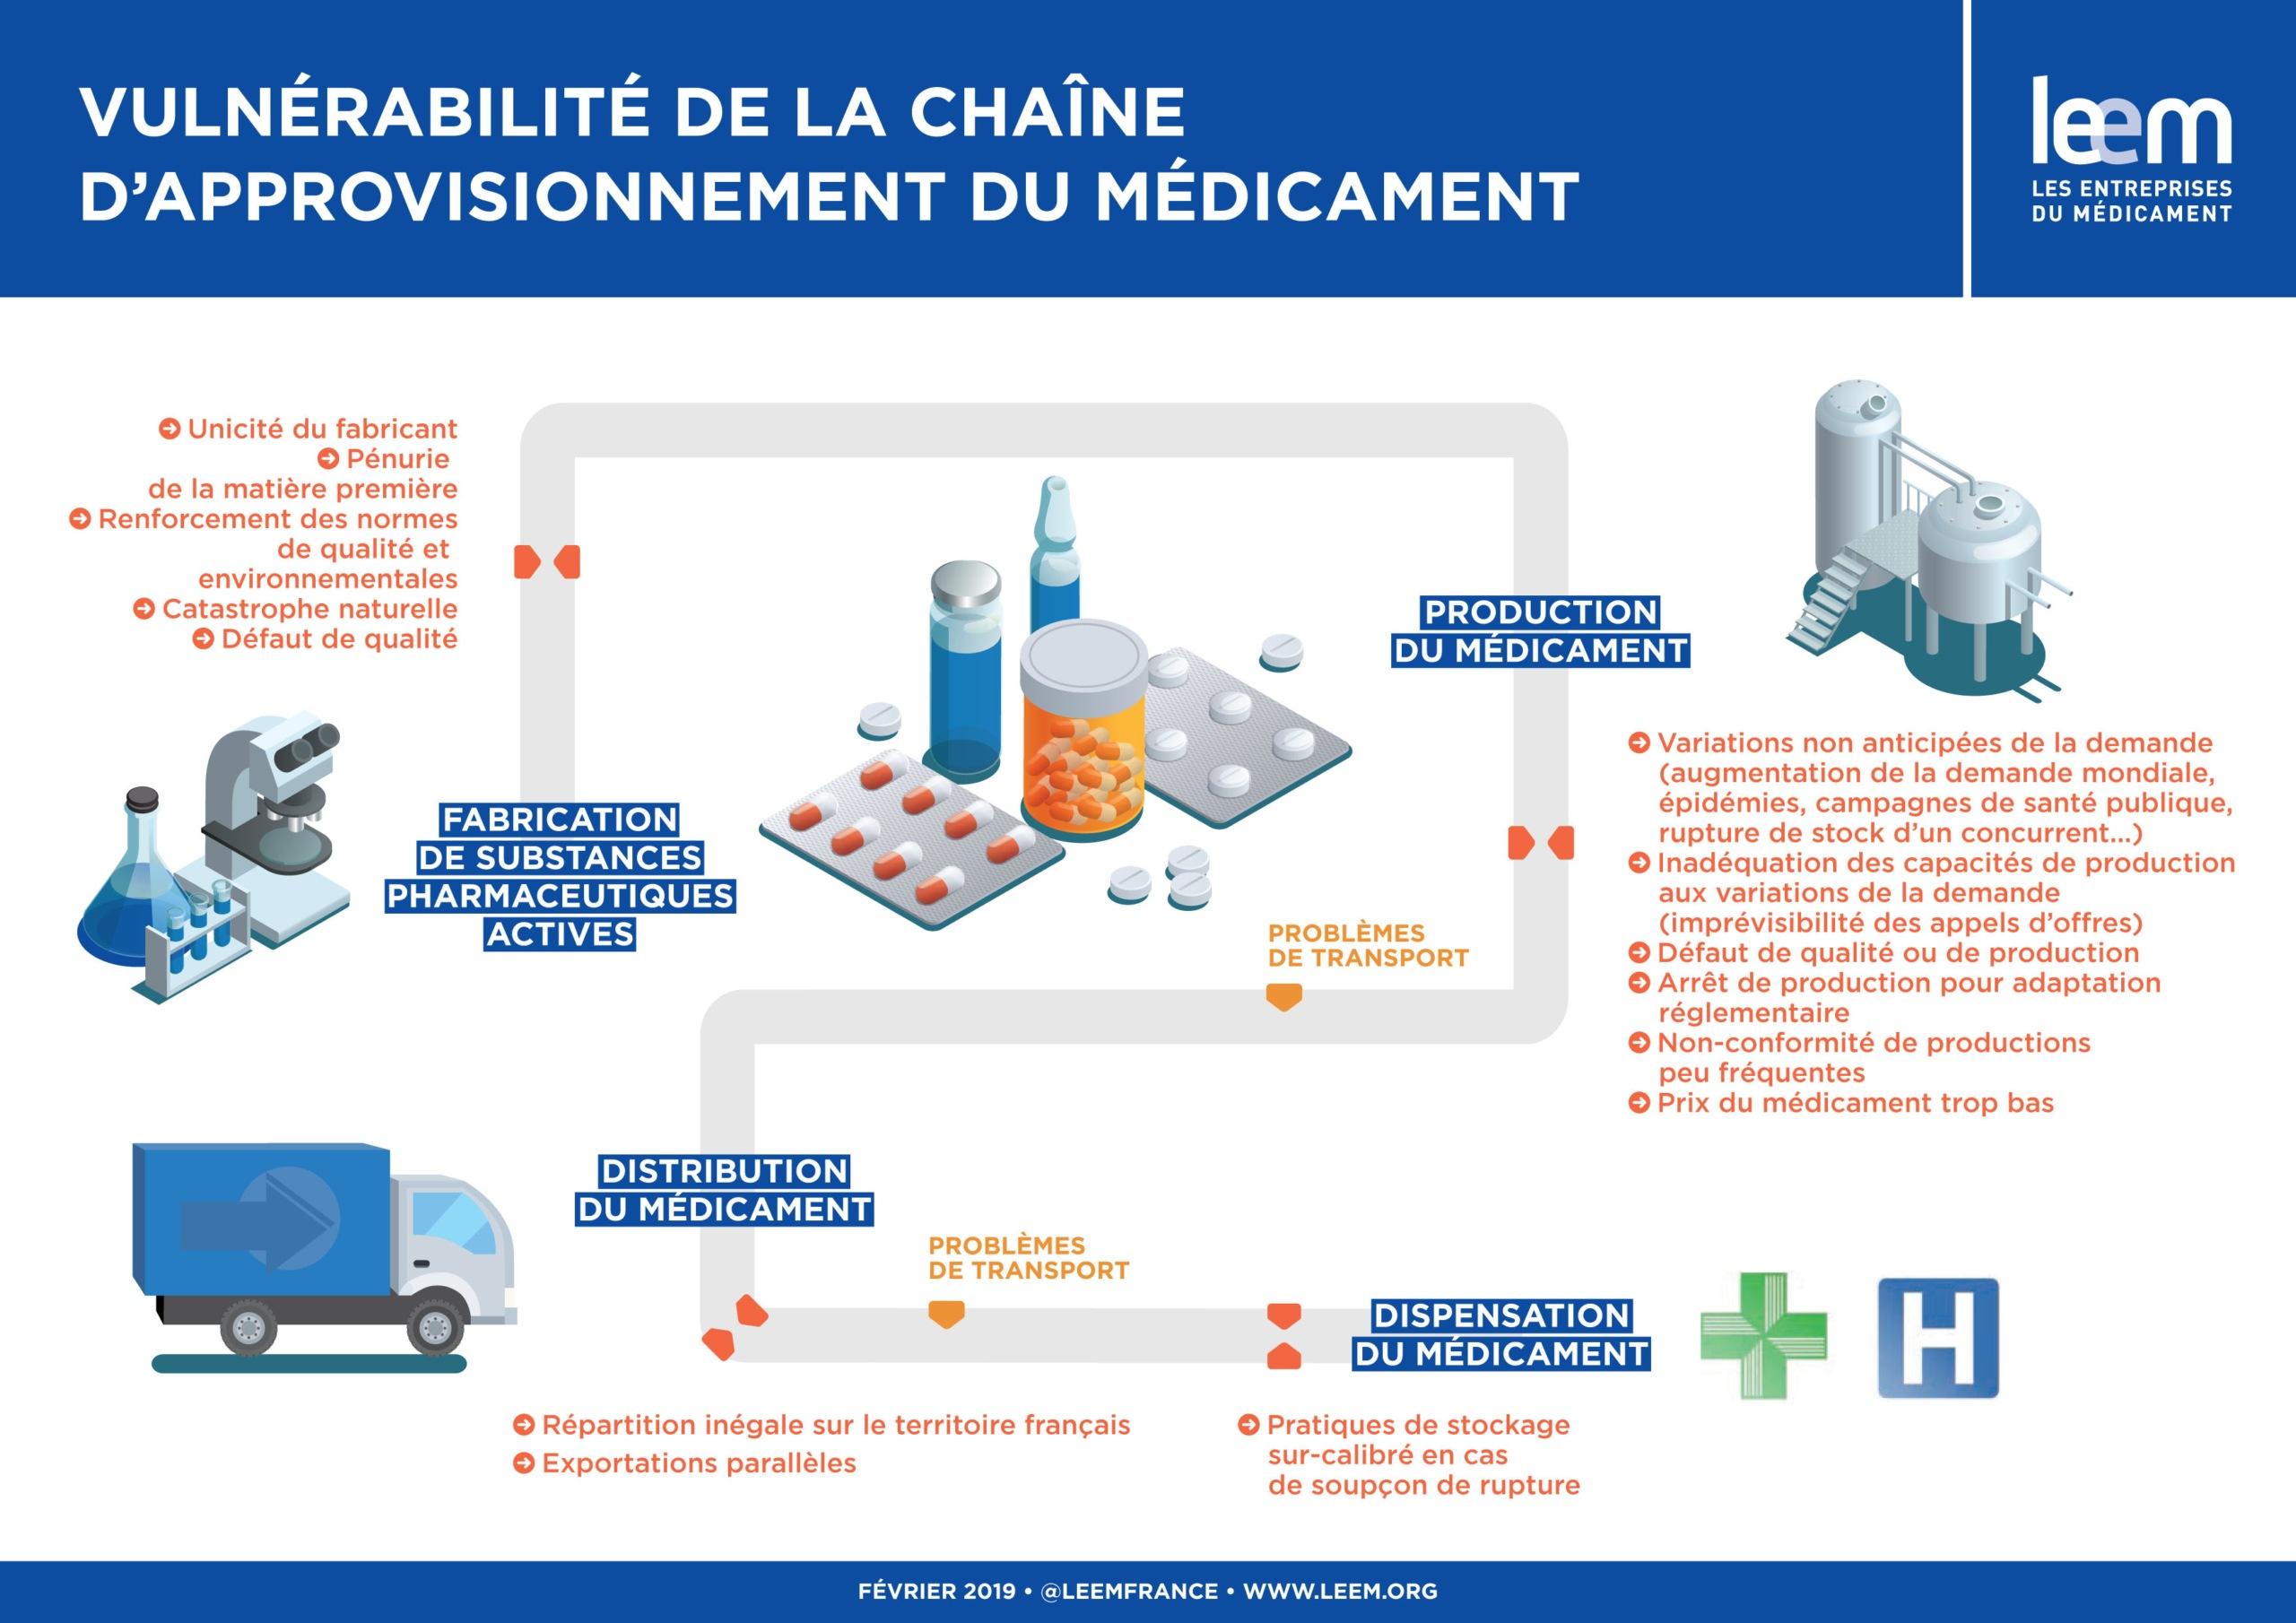 Les achats durables et responsables confrontées à la chaine d'approvisionnement